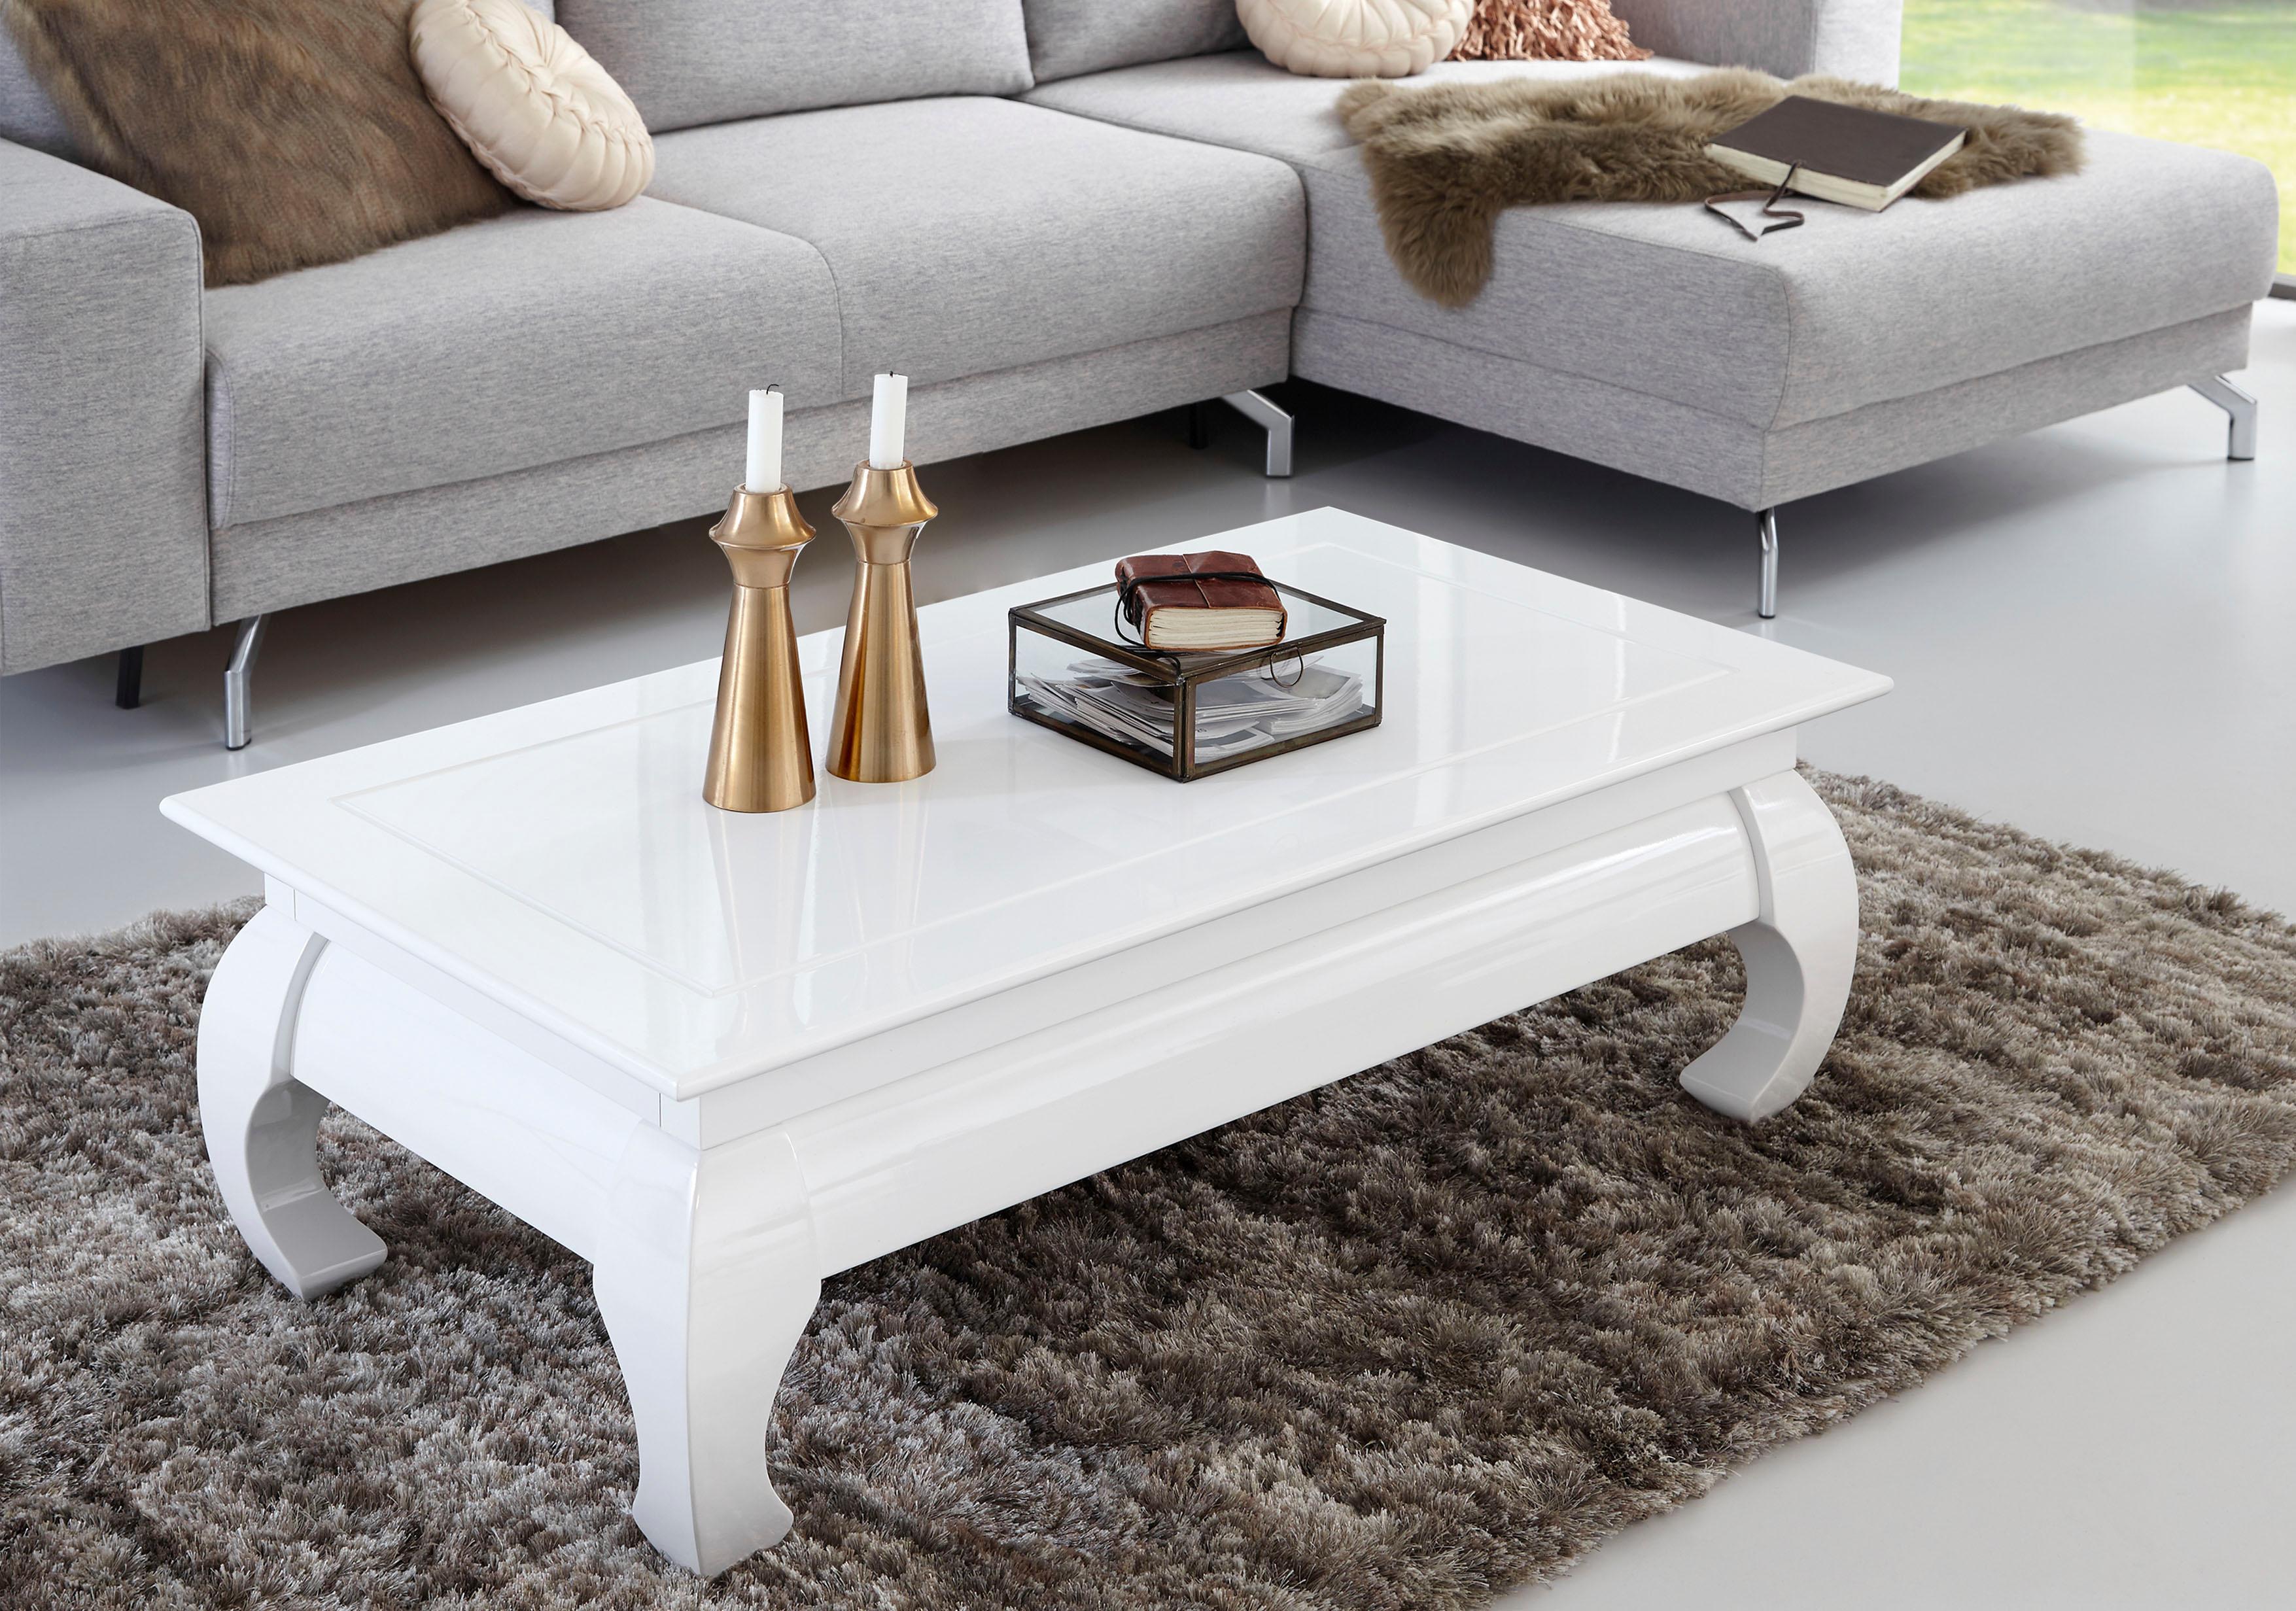 Homexperts Couchtisch Wohnen/Möbel/Tische/Couchtische/Opiumtische